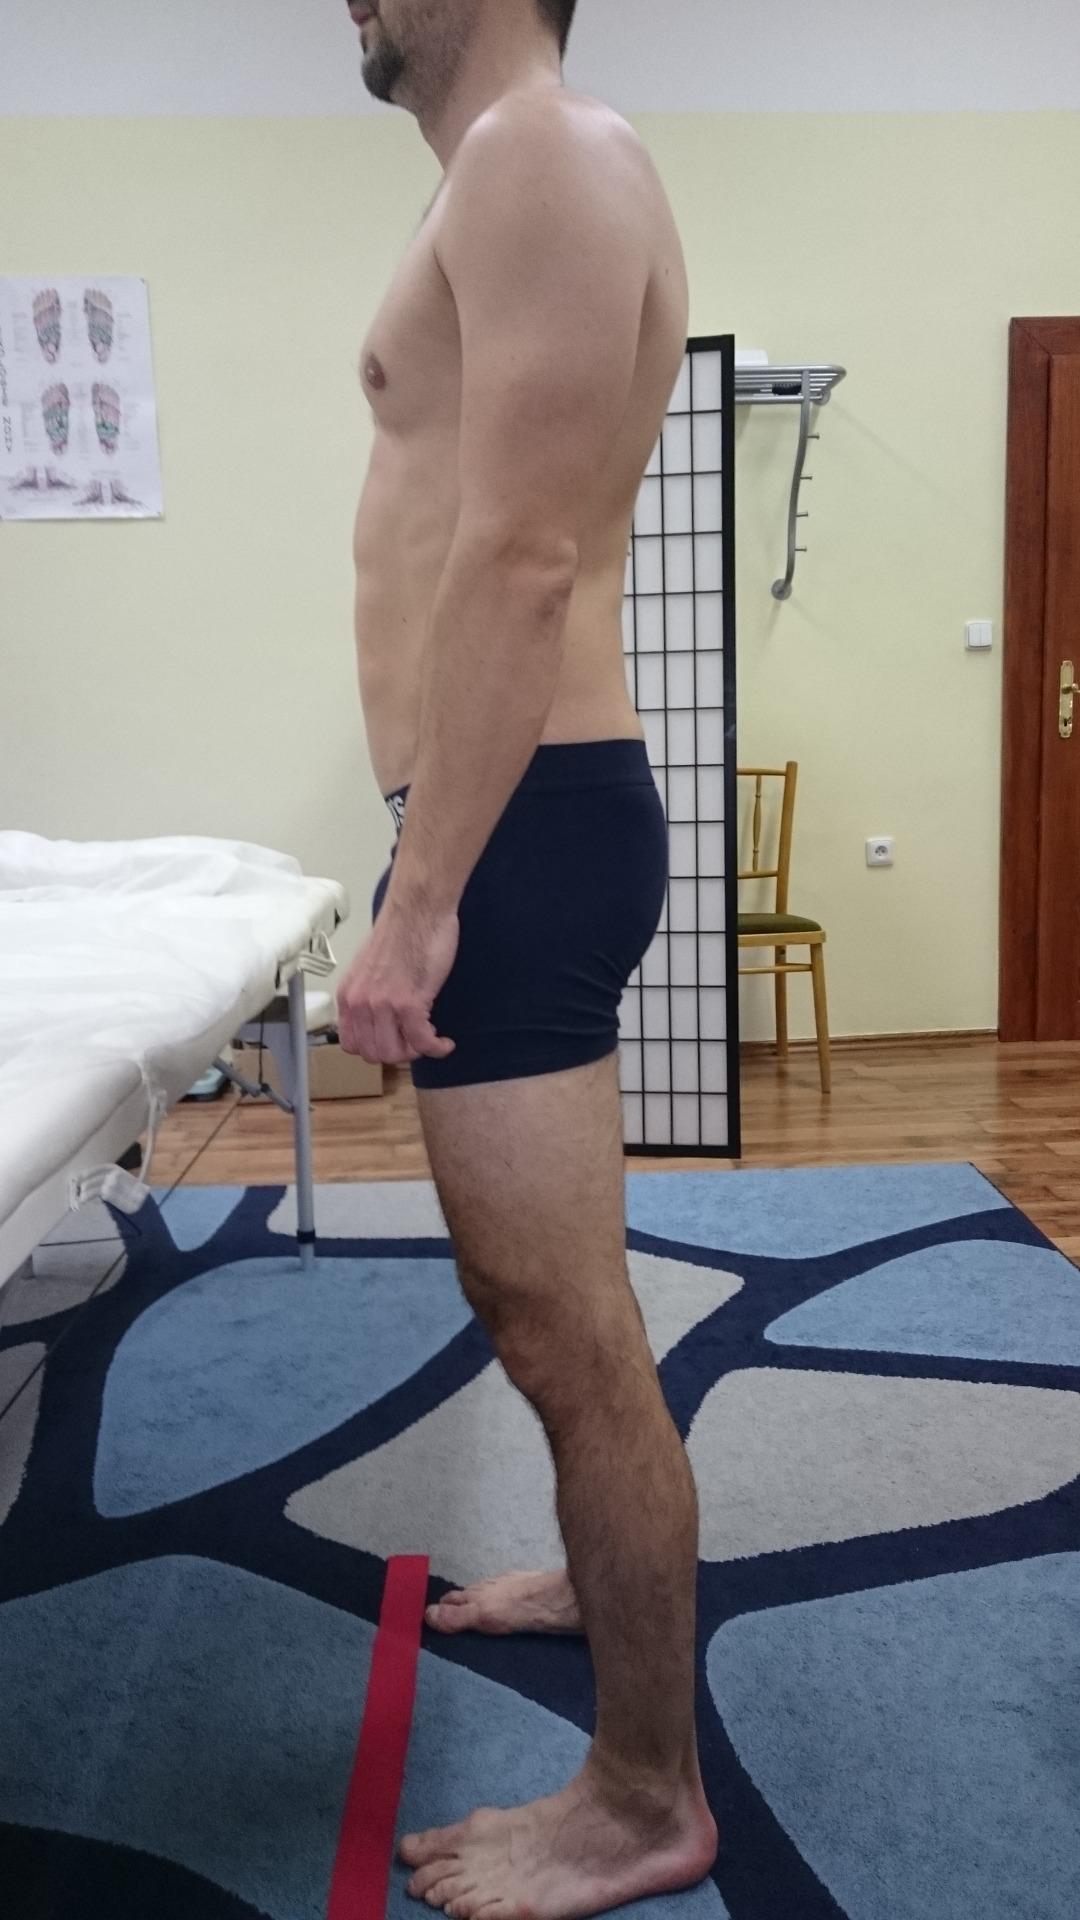 osa těla by měla procházet přes zvukovod, střed ramene, střed pánve a 1cm před kotník. Tady je osa těla značně posunutá dopředu. Což extrémně zatěžuje hlavně bederní páteř. Vadné držení těla je příčina vzniku výhřezu plotének.